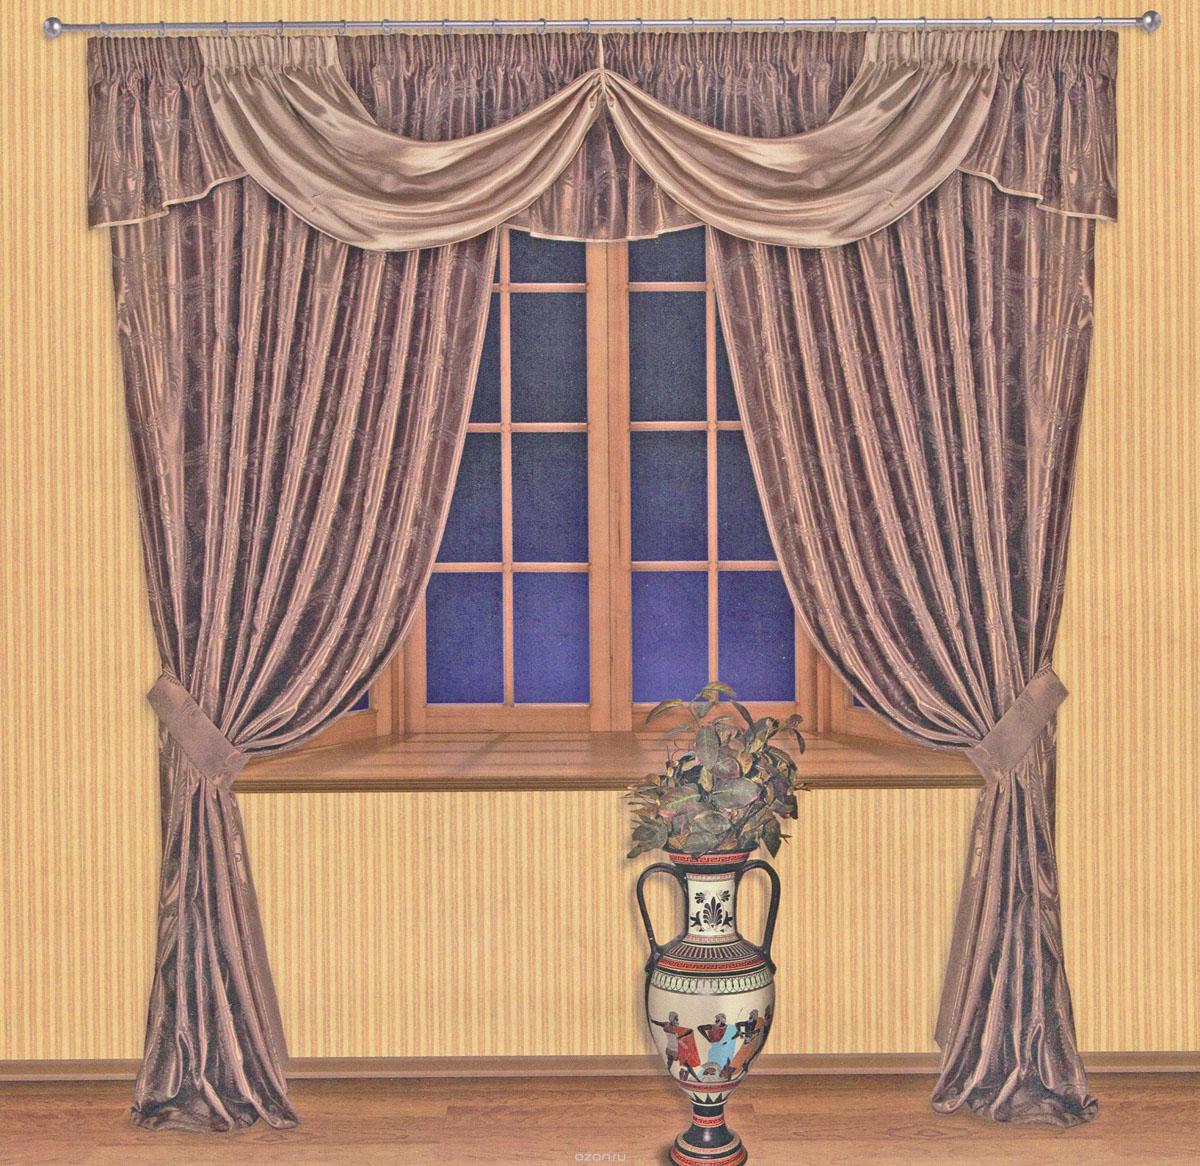 Комплект штор Zlata Korunka, на ленте, цвет: шоколадный, высота 250 см. 55511IR-F1-WРоскошный комплект штор Zlata Korunka, выполненный из ткани шанзализе, сатина и жаккарда (100% полиэстера), великолепно украсит любое окно. Комплект состоит из двух портьер, ламбрекена и двух подхватов. Плотная ткань, оригинальный орнамент и приятная, приглушенная гамма привлекут к себе внимание и органично впишутся в интерьер помещения. Комплект крепится на карниз при помощи шторной ленты, которая поможет красиво и равномерно задрапировать верх. Портьеры можно зафиксировать в одном положении с помощью двух подхватов. Этот комплект будет долгое время радовать вас и вашу семью! В комплект входит: Портьера: 2 шт. Размер (ШхВ): 200 см х 250 см. Ламбрекен: 1 шт. Размер (ШхВ): 450 см х 50 см.Подхват: 2 шт. Размер (ШхВ): 60 см х 10 см.